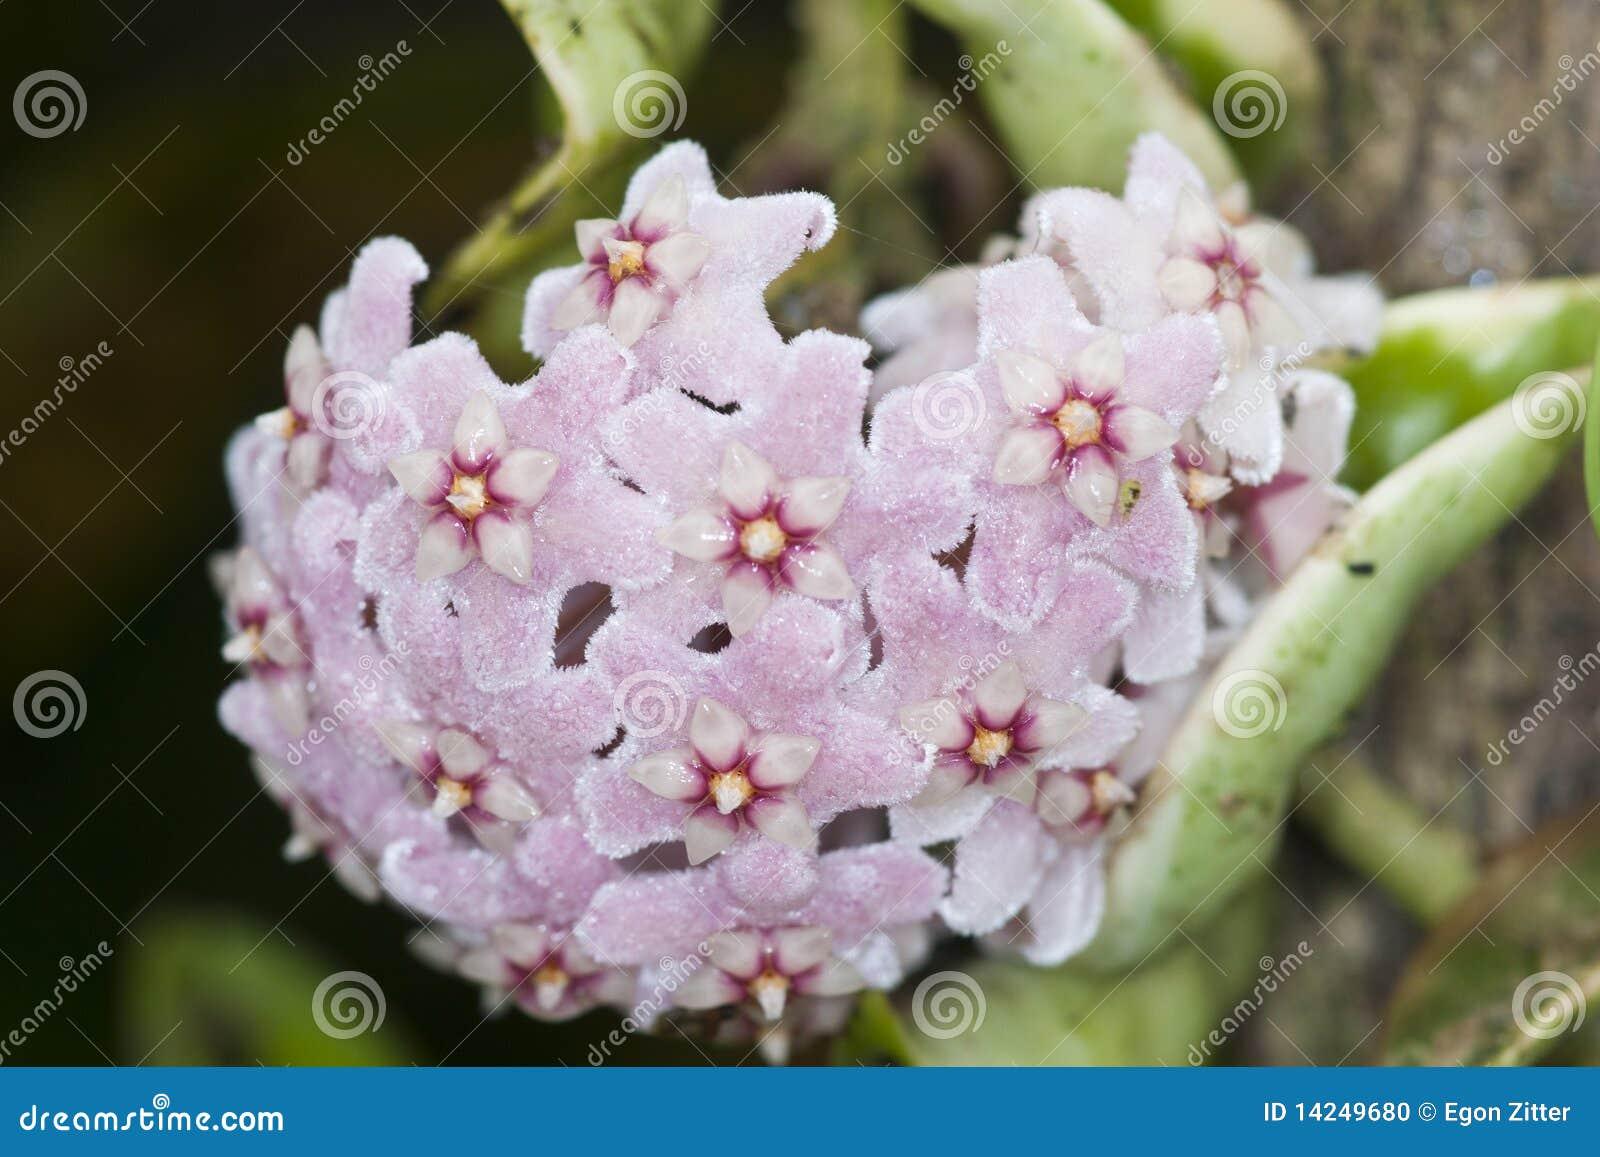 Hoya wax flower